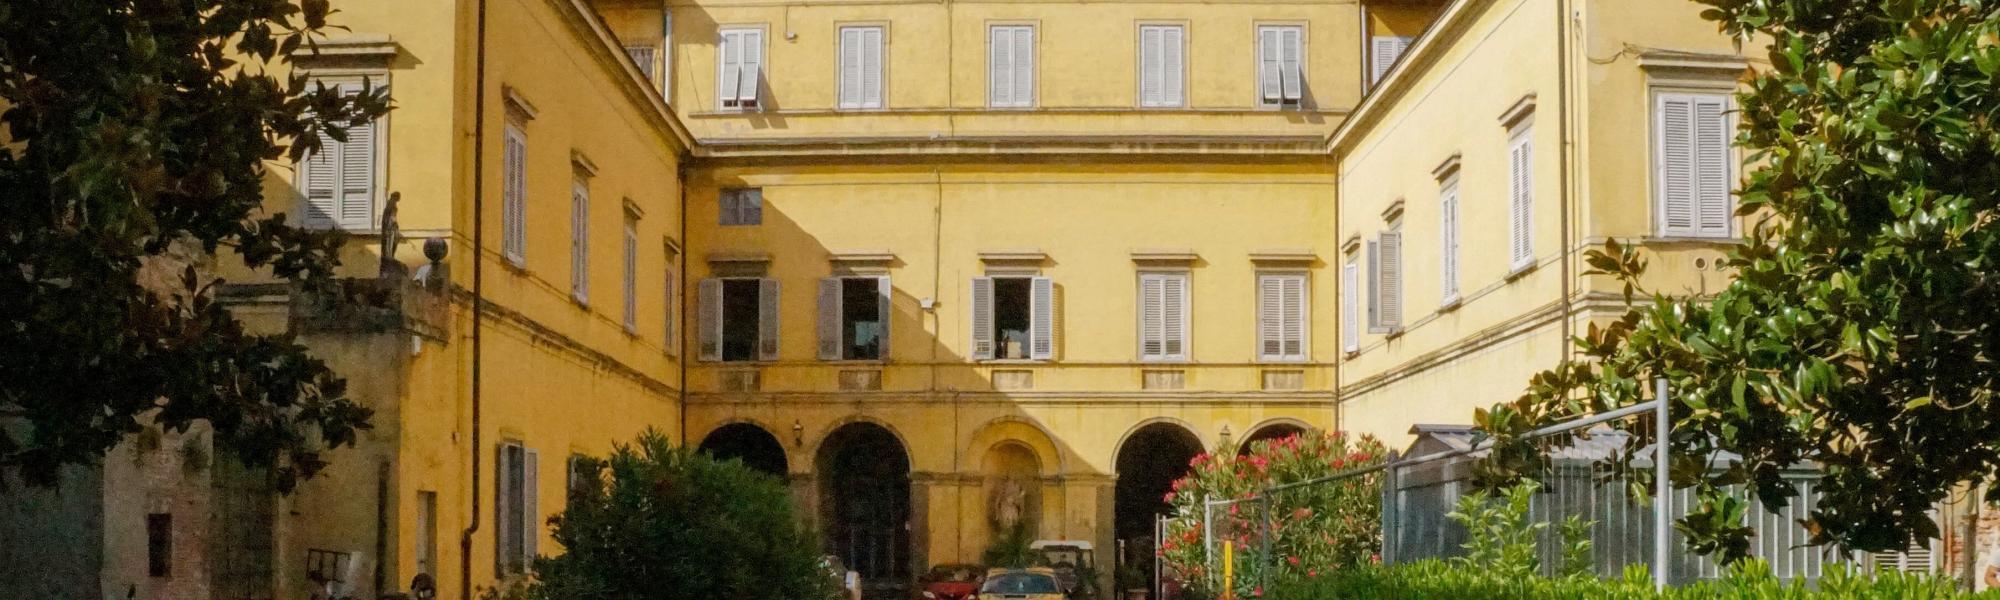 Ufficio fiumi e fossi (M. Del Rosso, Comune di Pisa)